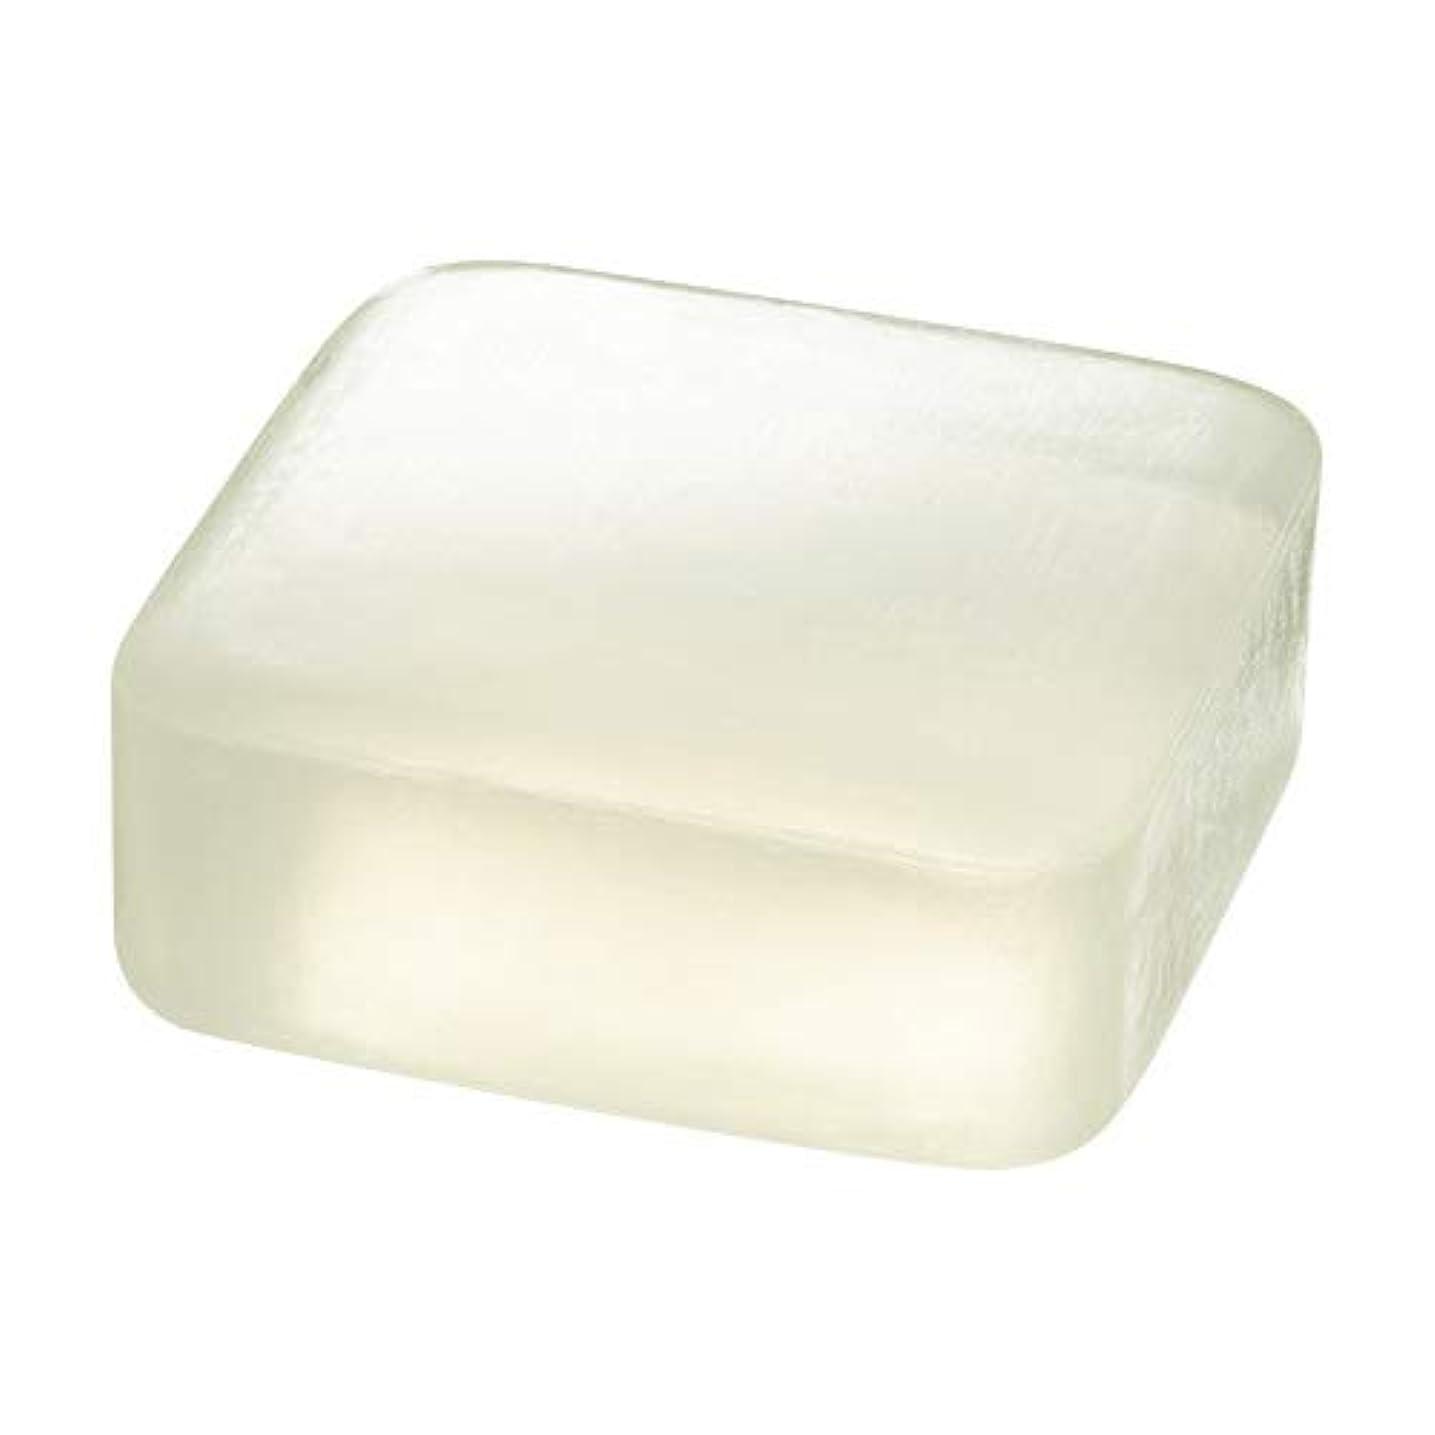 素人テレックスすりETVOS(エトヴォス) 洗顔せっけん クリアソープバー 80g 透明枠練り石鹸 セラミド 濃密泡 毛穴汚れ/黒ずみ